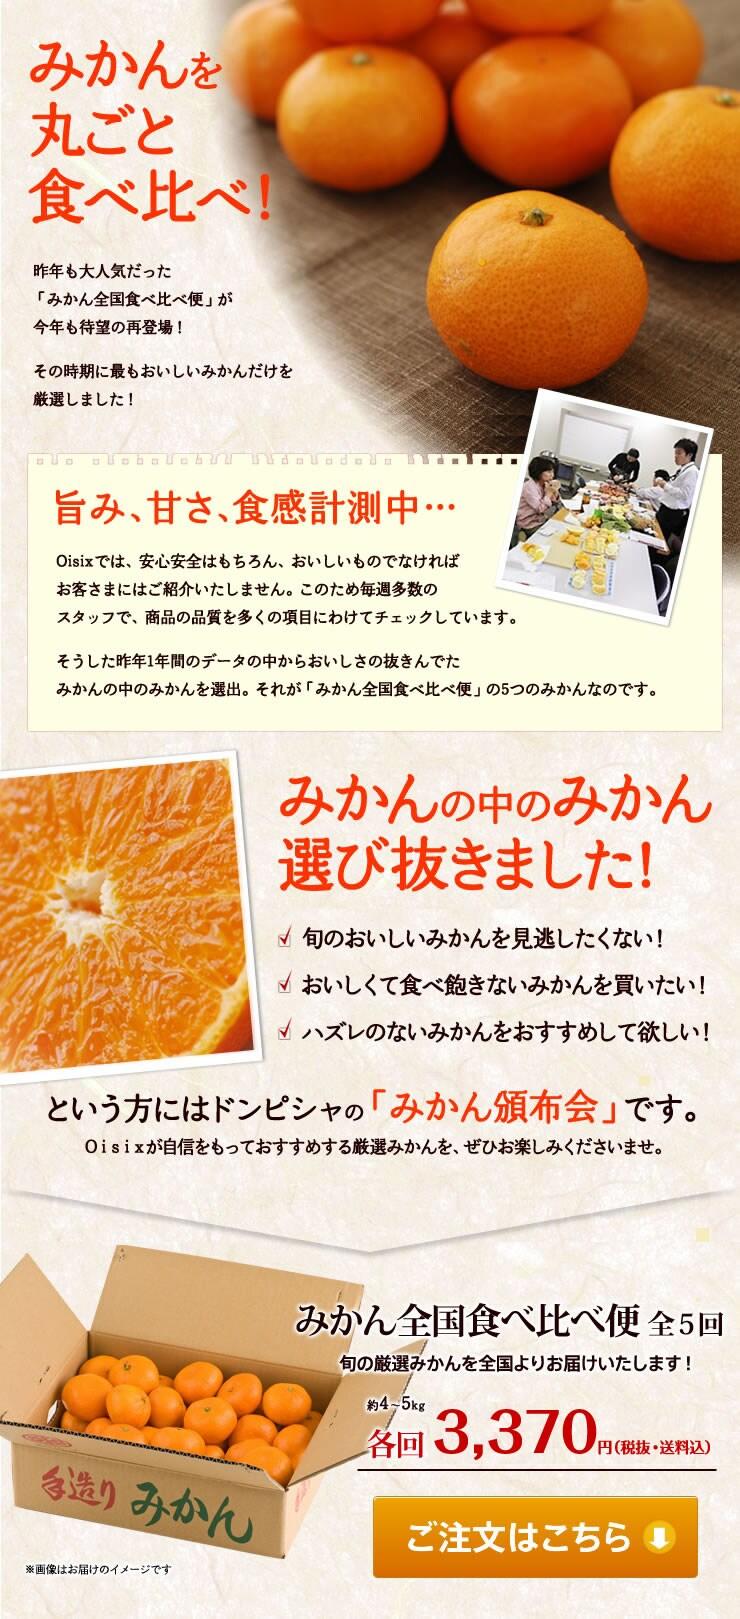 Oisixで販売しているすべてのみかんの旨み、甘さ、食感を年間通じて計測